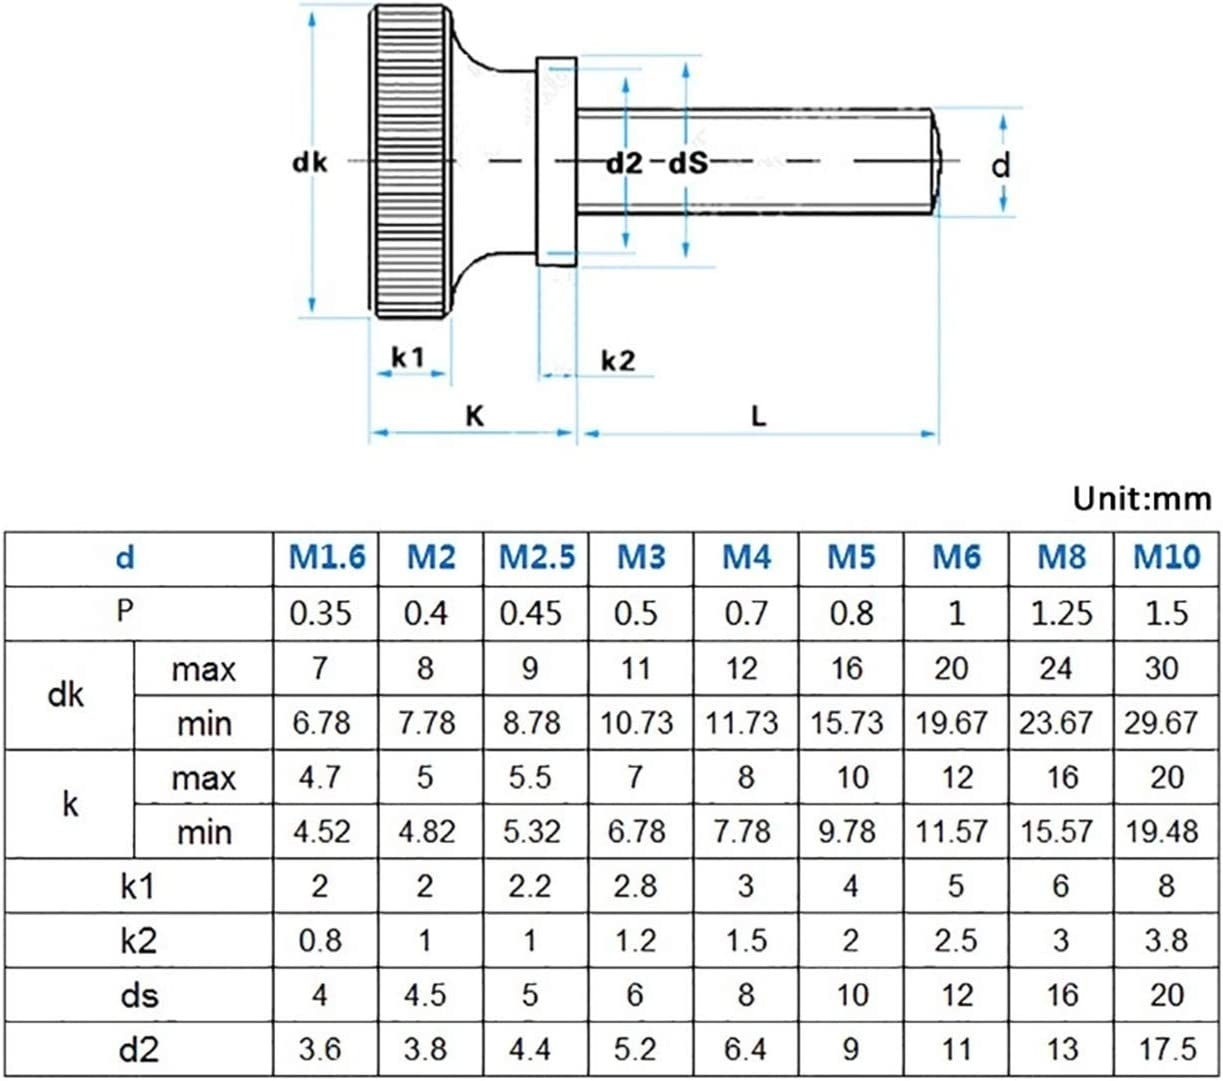 Screw screw 5 10 SEAL limited product 20Pcs Long Beach Mall GB834 Knurling Steel Head M4 Carbon Knurl